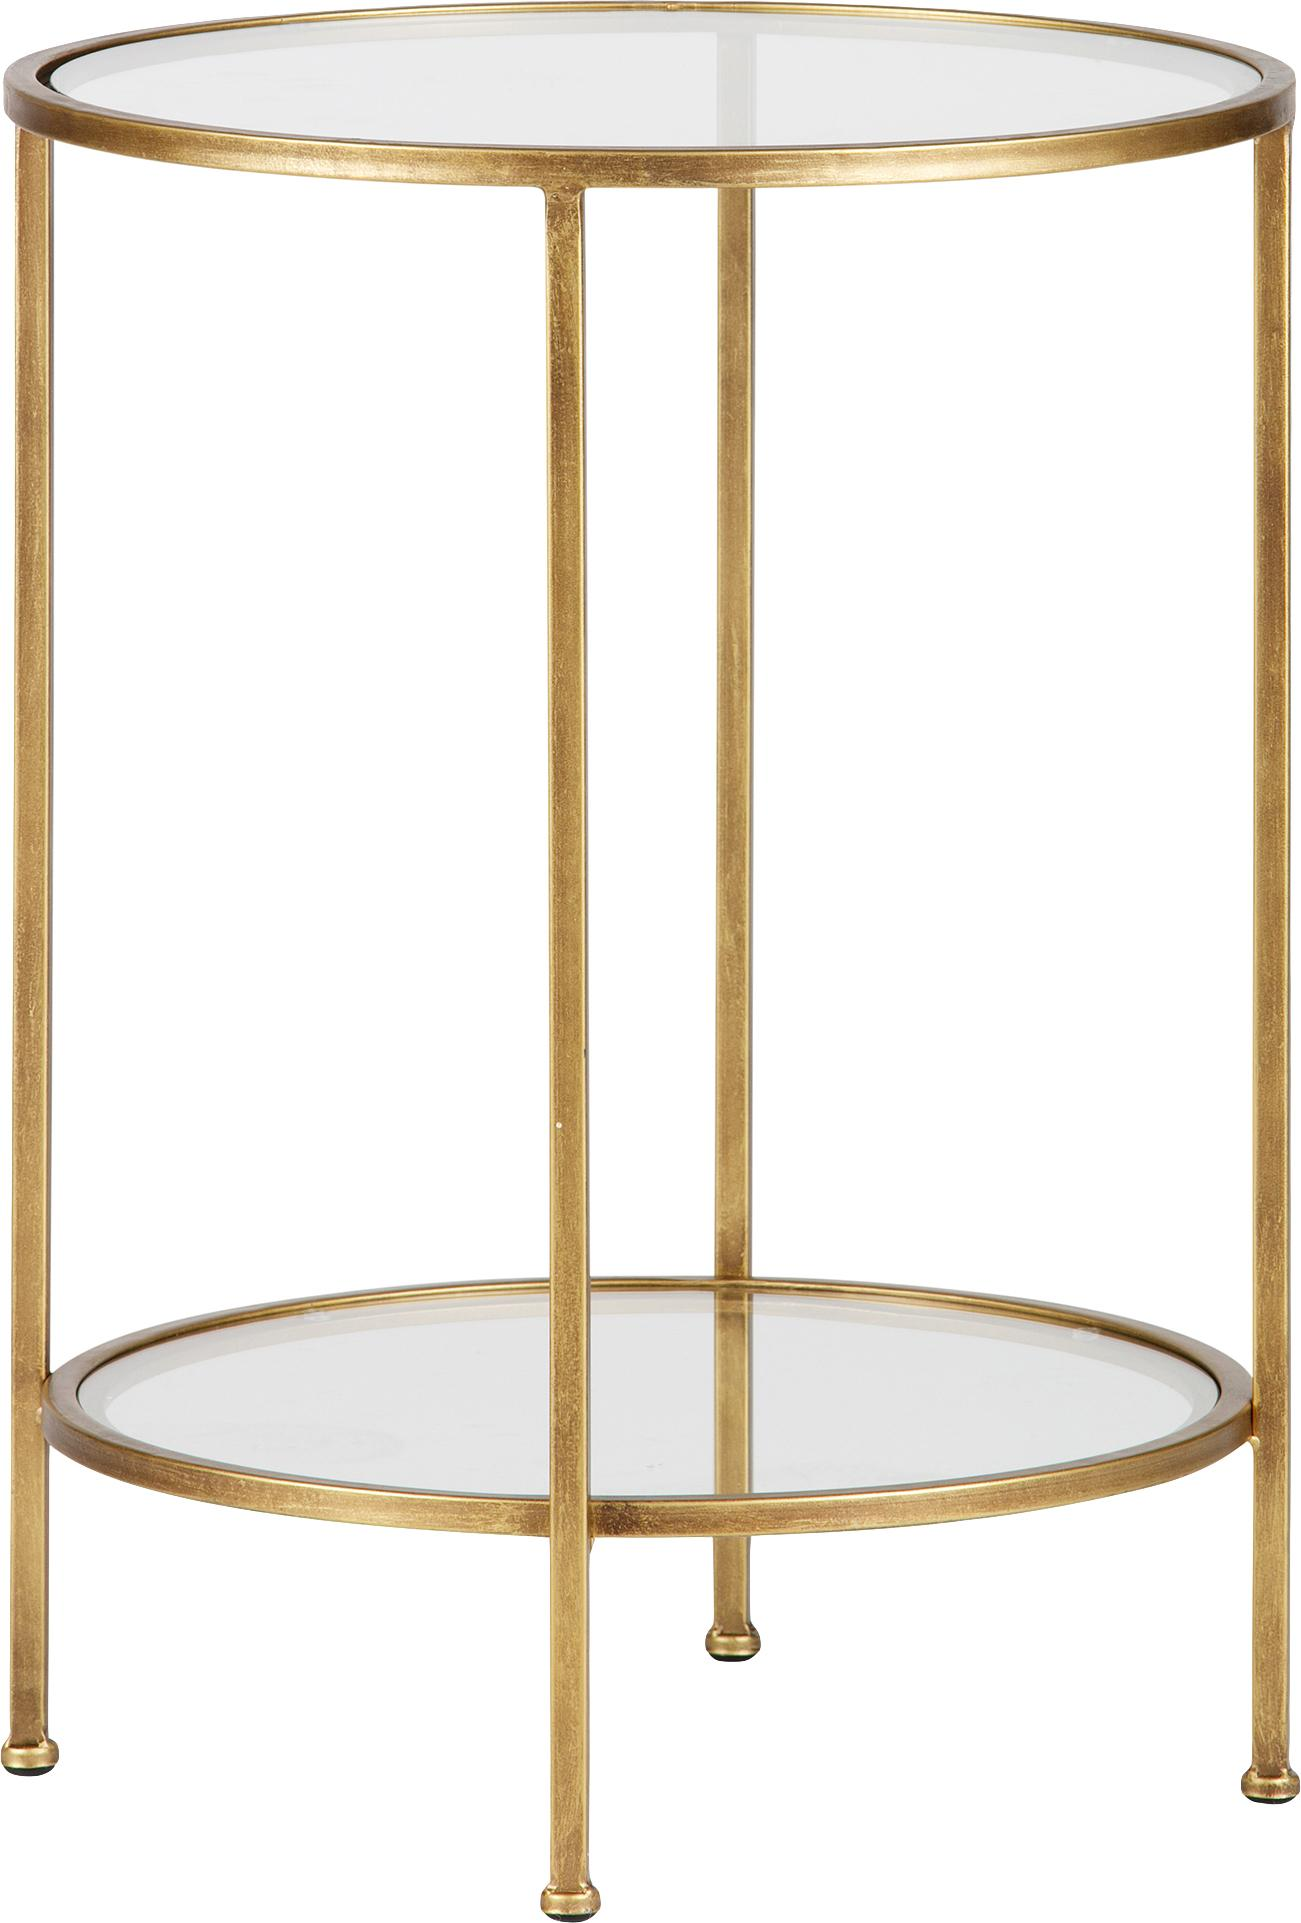 Mesa auxiliar Goddess, tablero de cristal, Estructura: metal, latón con efecto e, Latón, transparente, Ø 46 x Al 61 cm